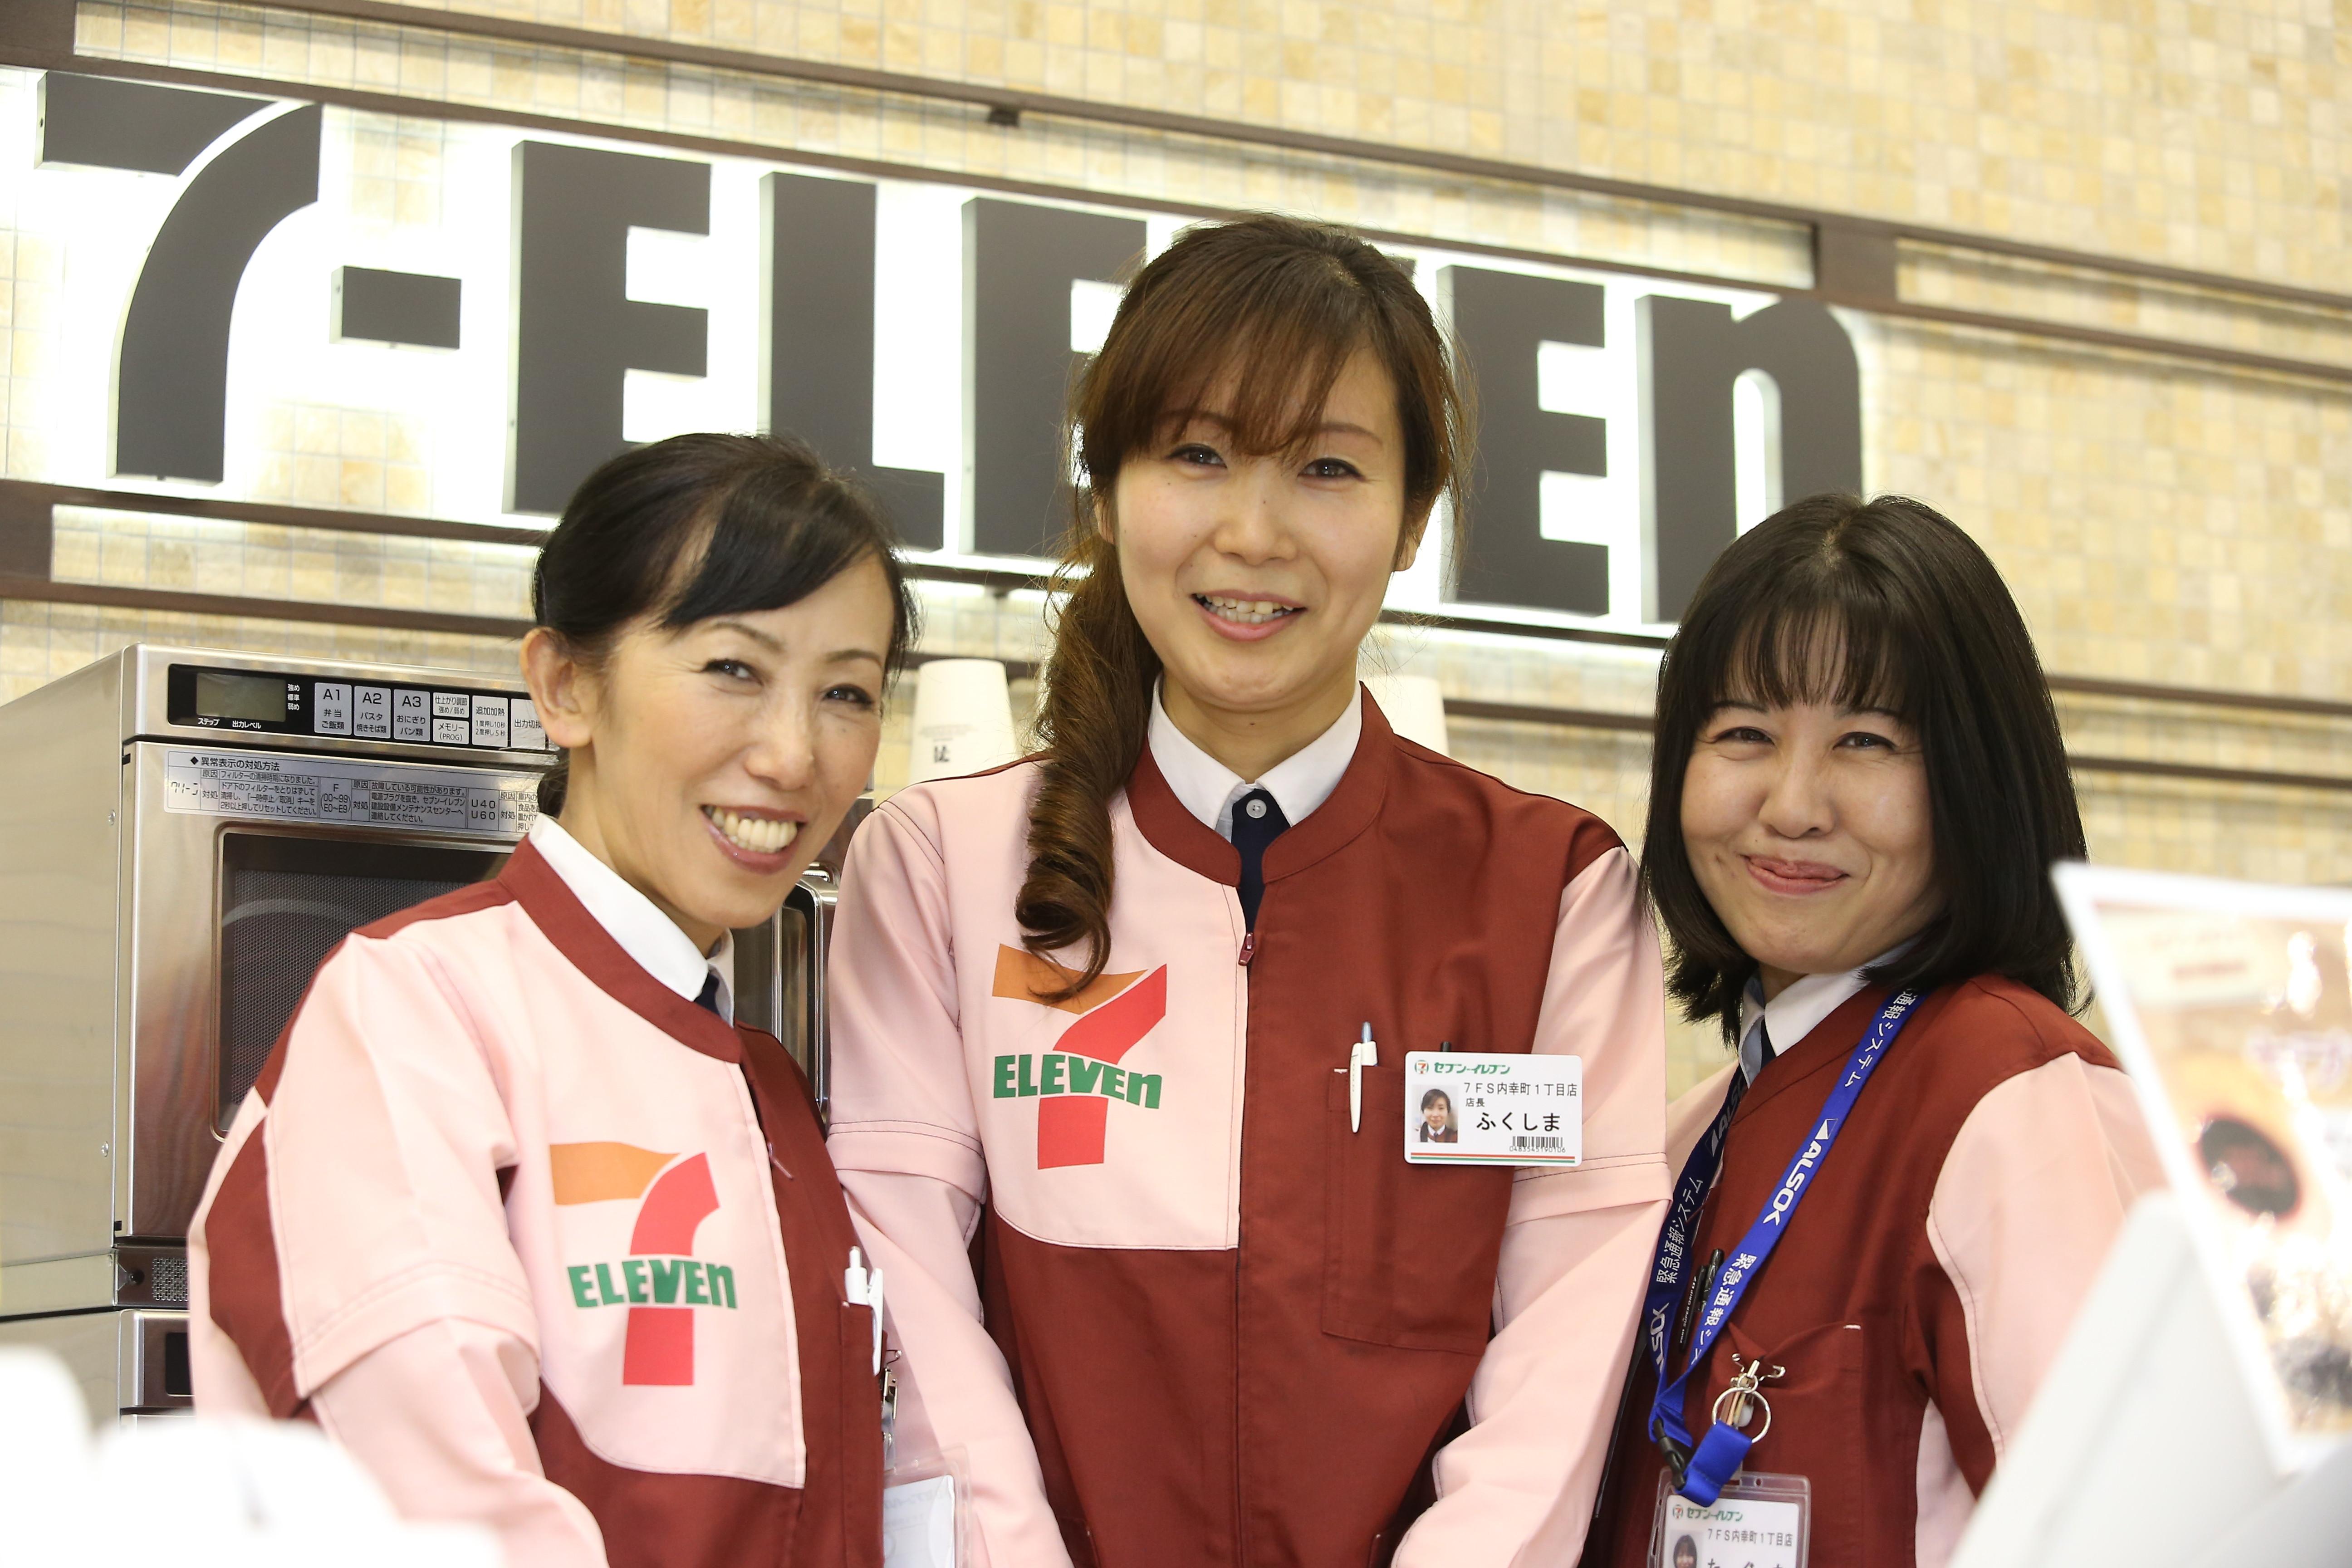 セブン-イレブン 大阪大学千里門店 のアルバイト情報